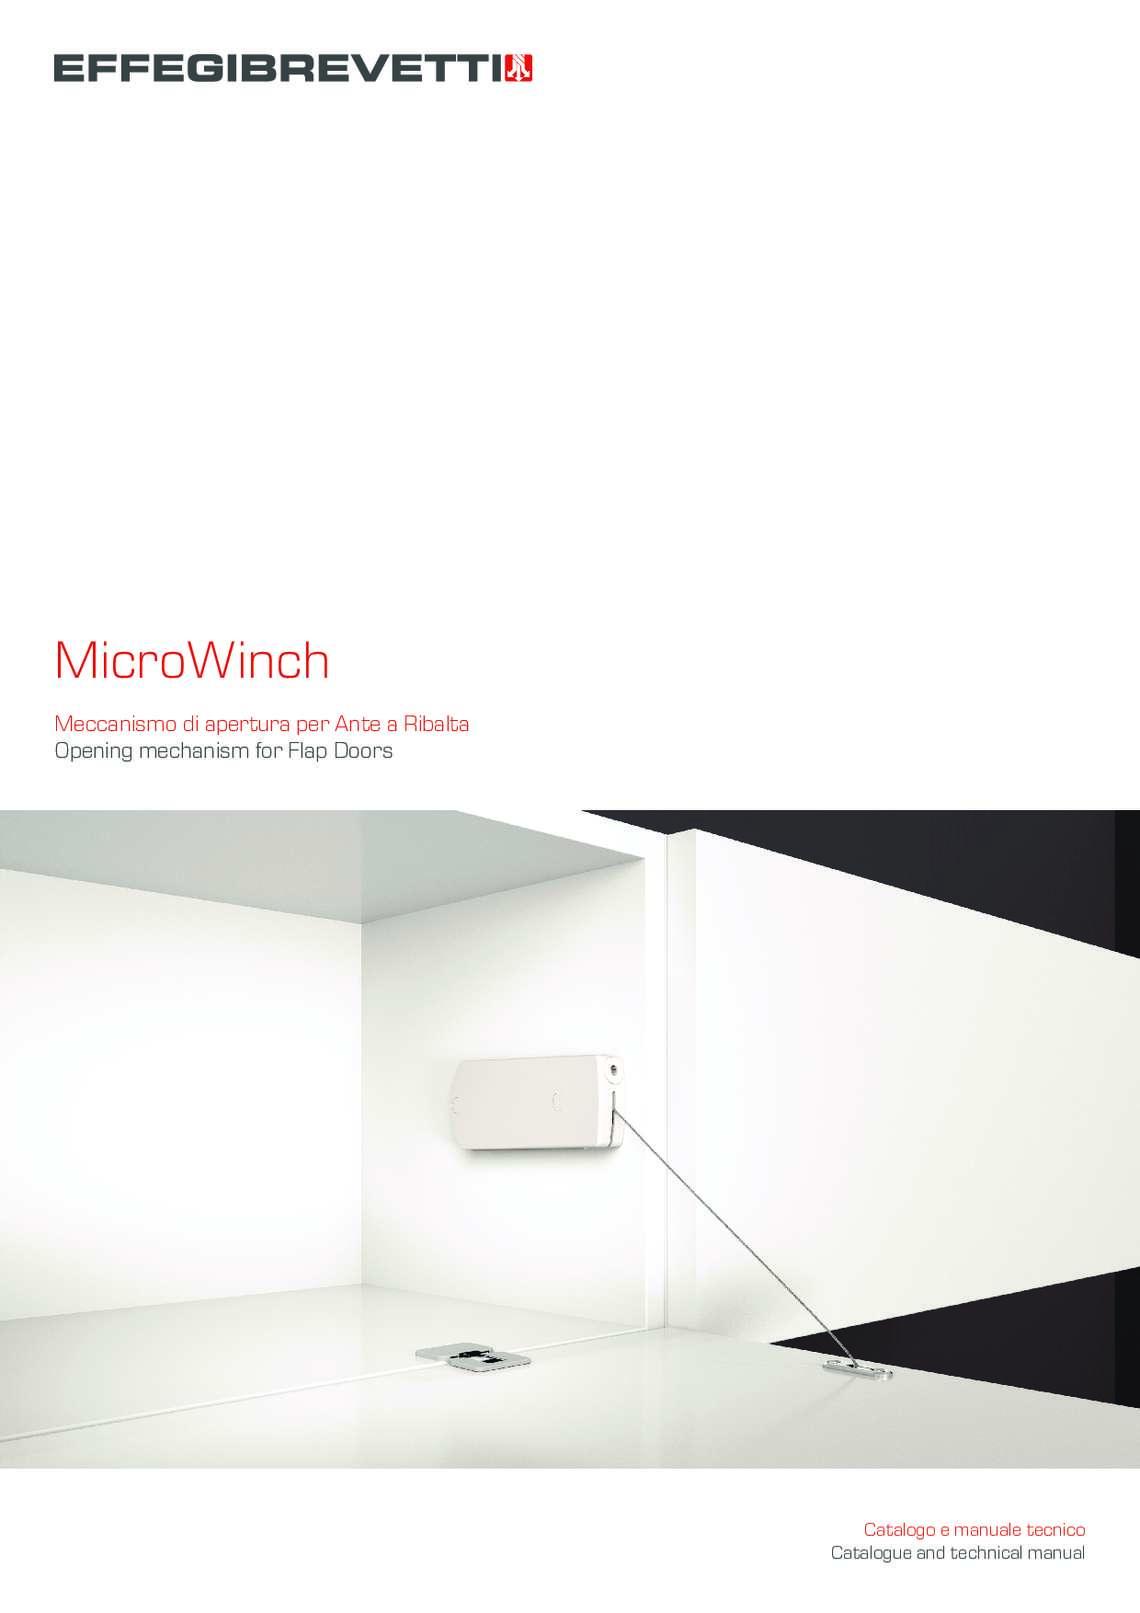 MicroWinch - Meccanismo di apertura per Ante a Ribalta